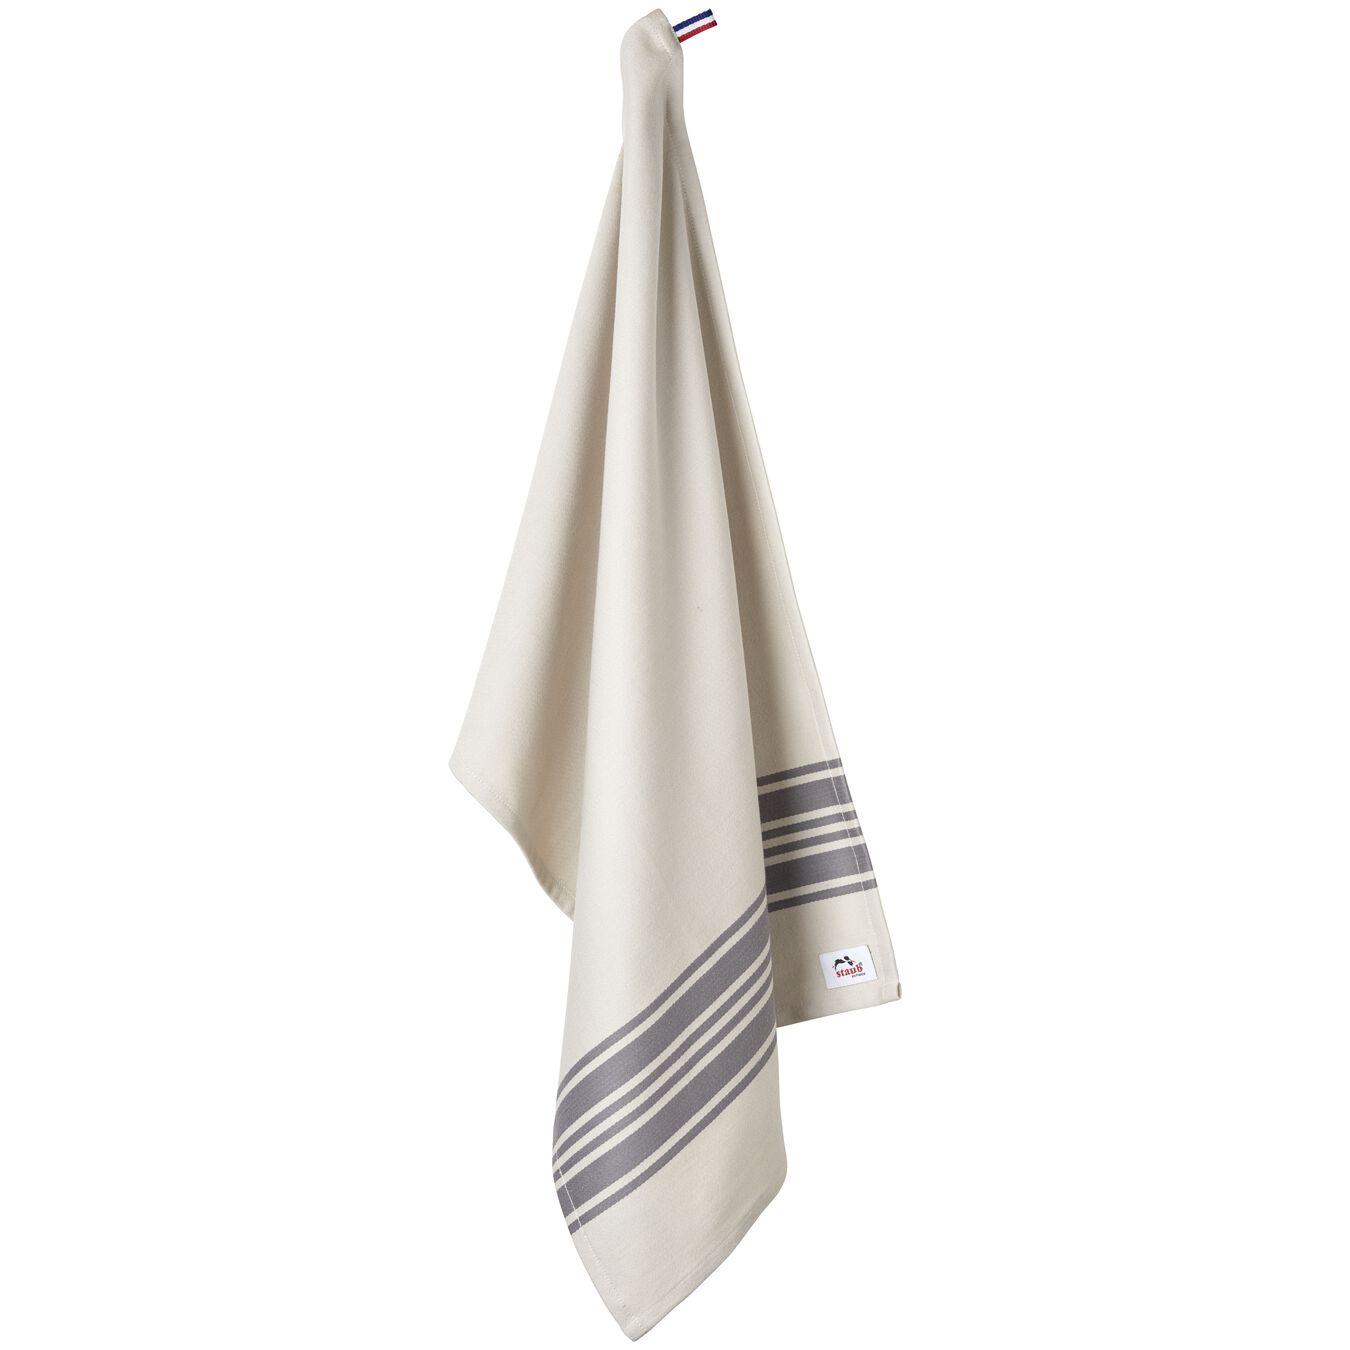 70 cm x 50 cm Cotton Kitchen towel, Grey,,large 5